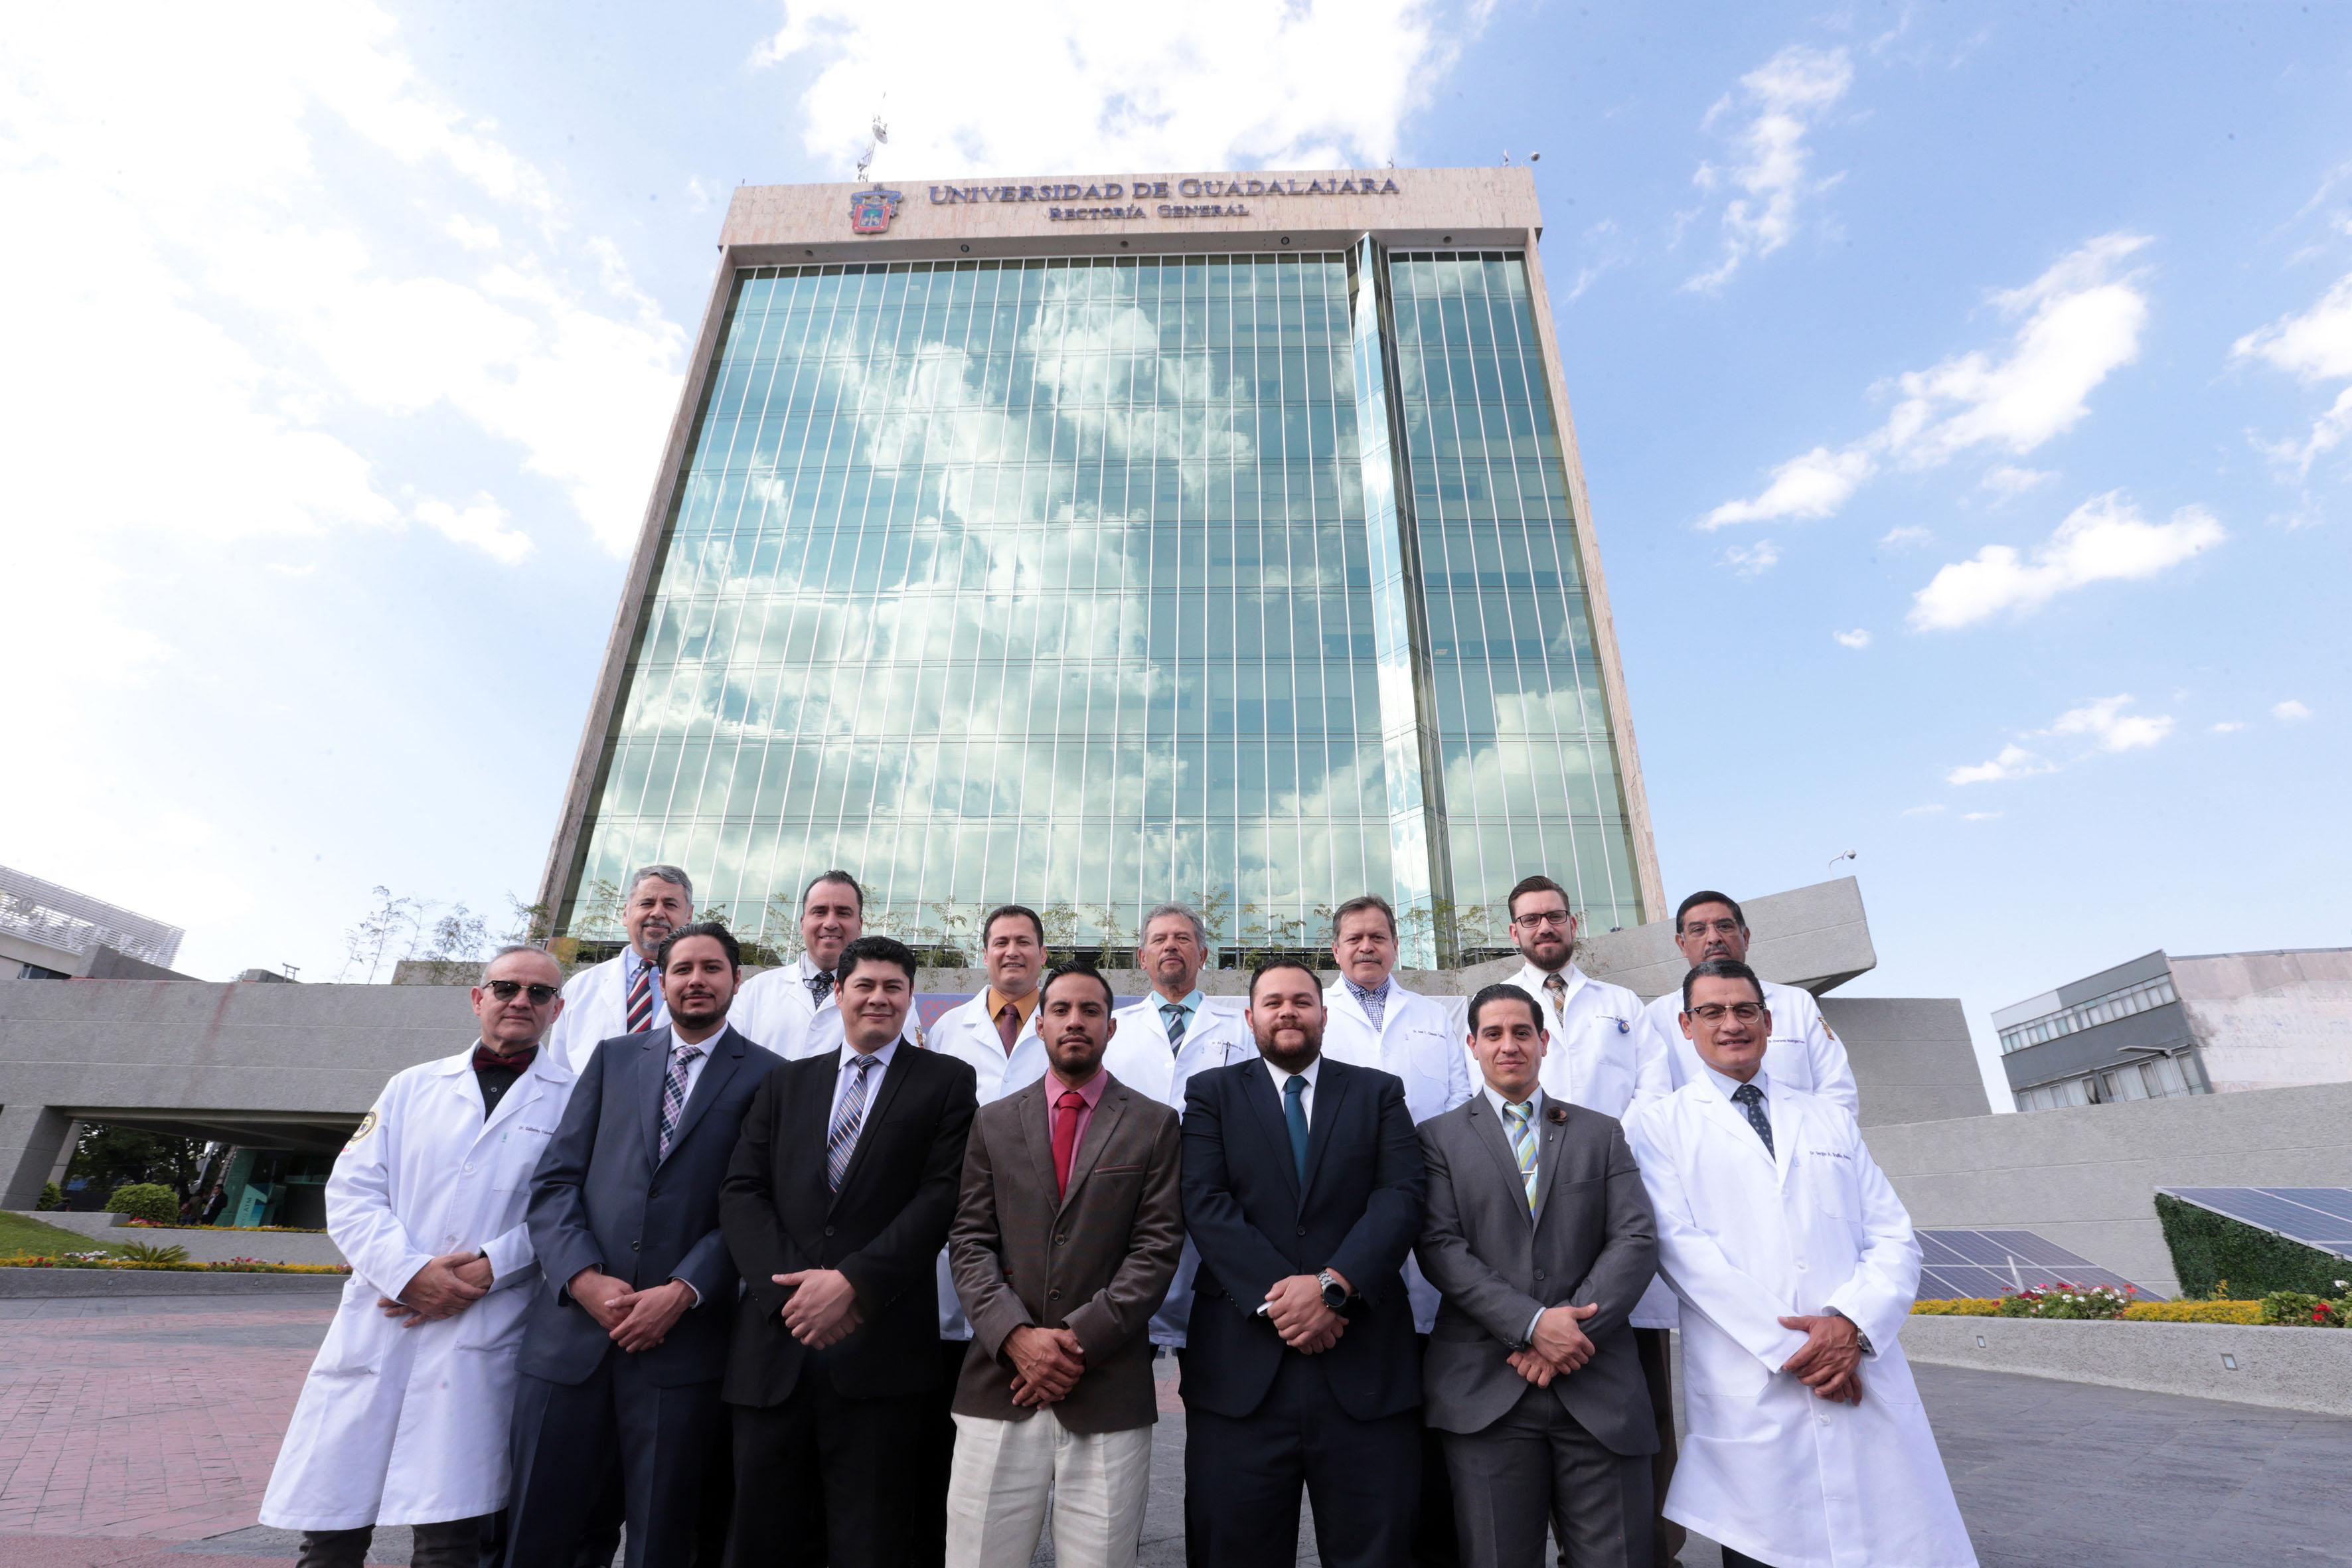 Cirujanos pediatras, residentes y ttulares a las afueras del edificio de Rectoría General